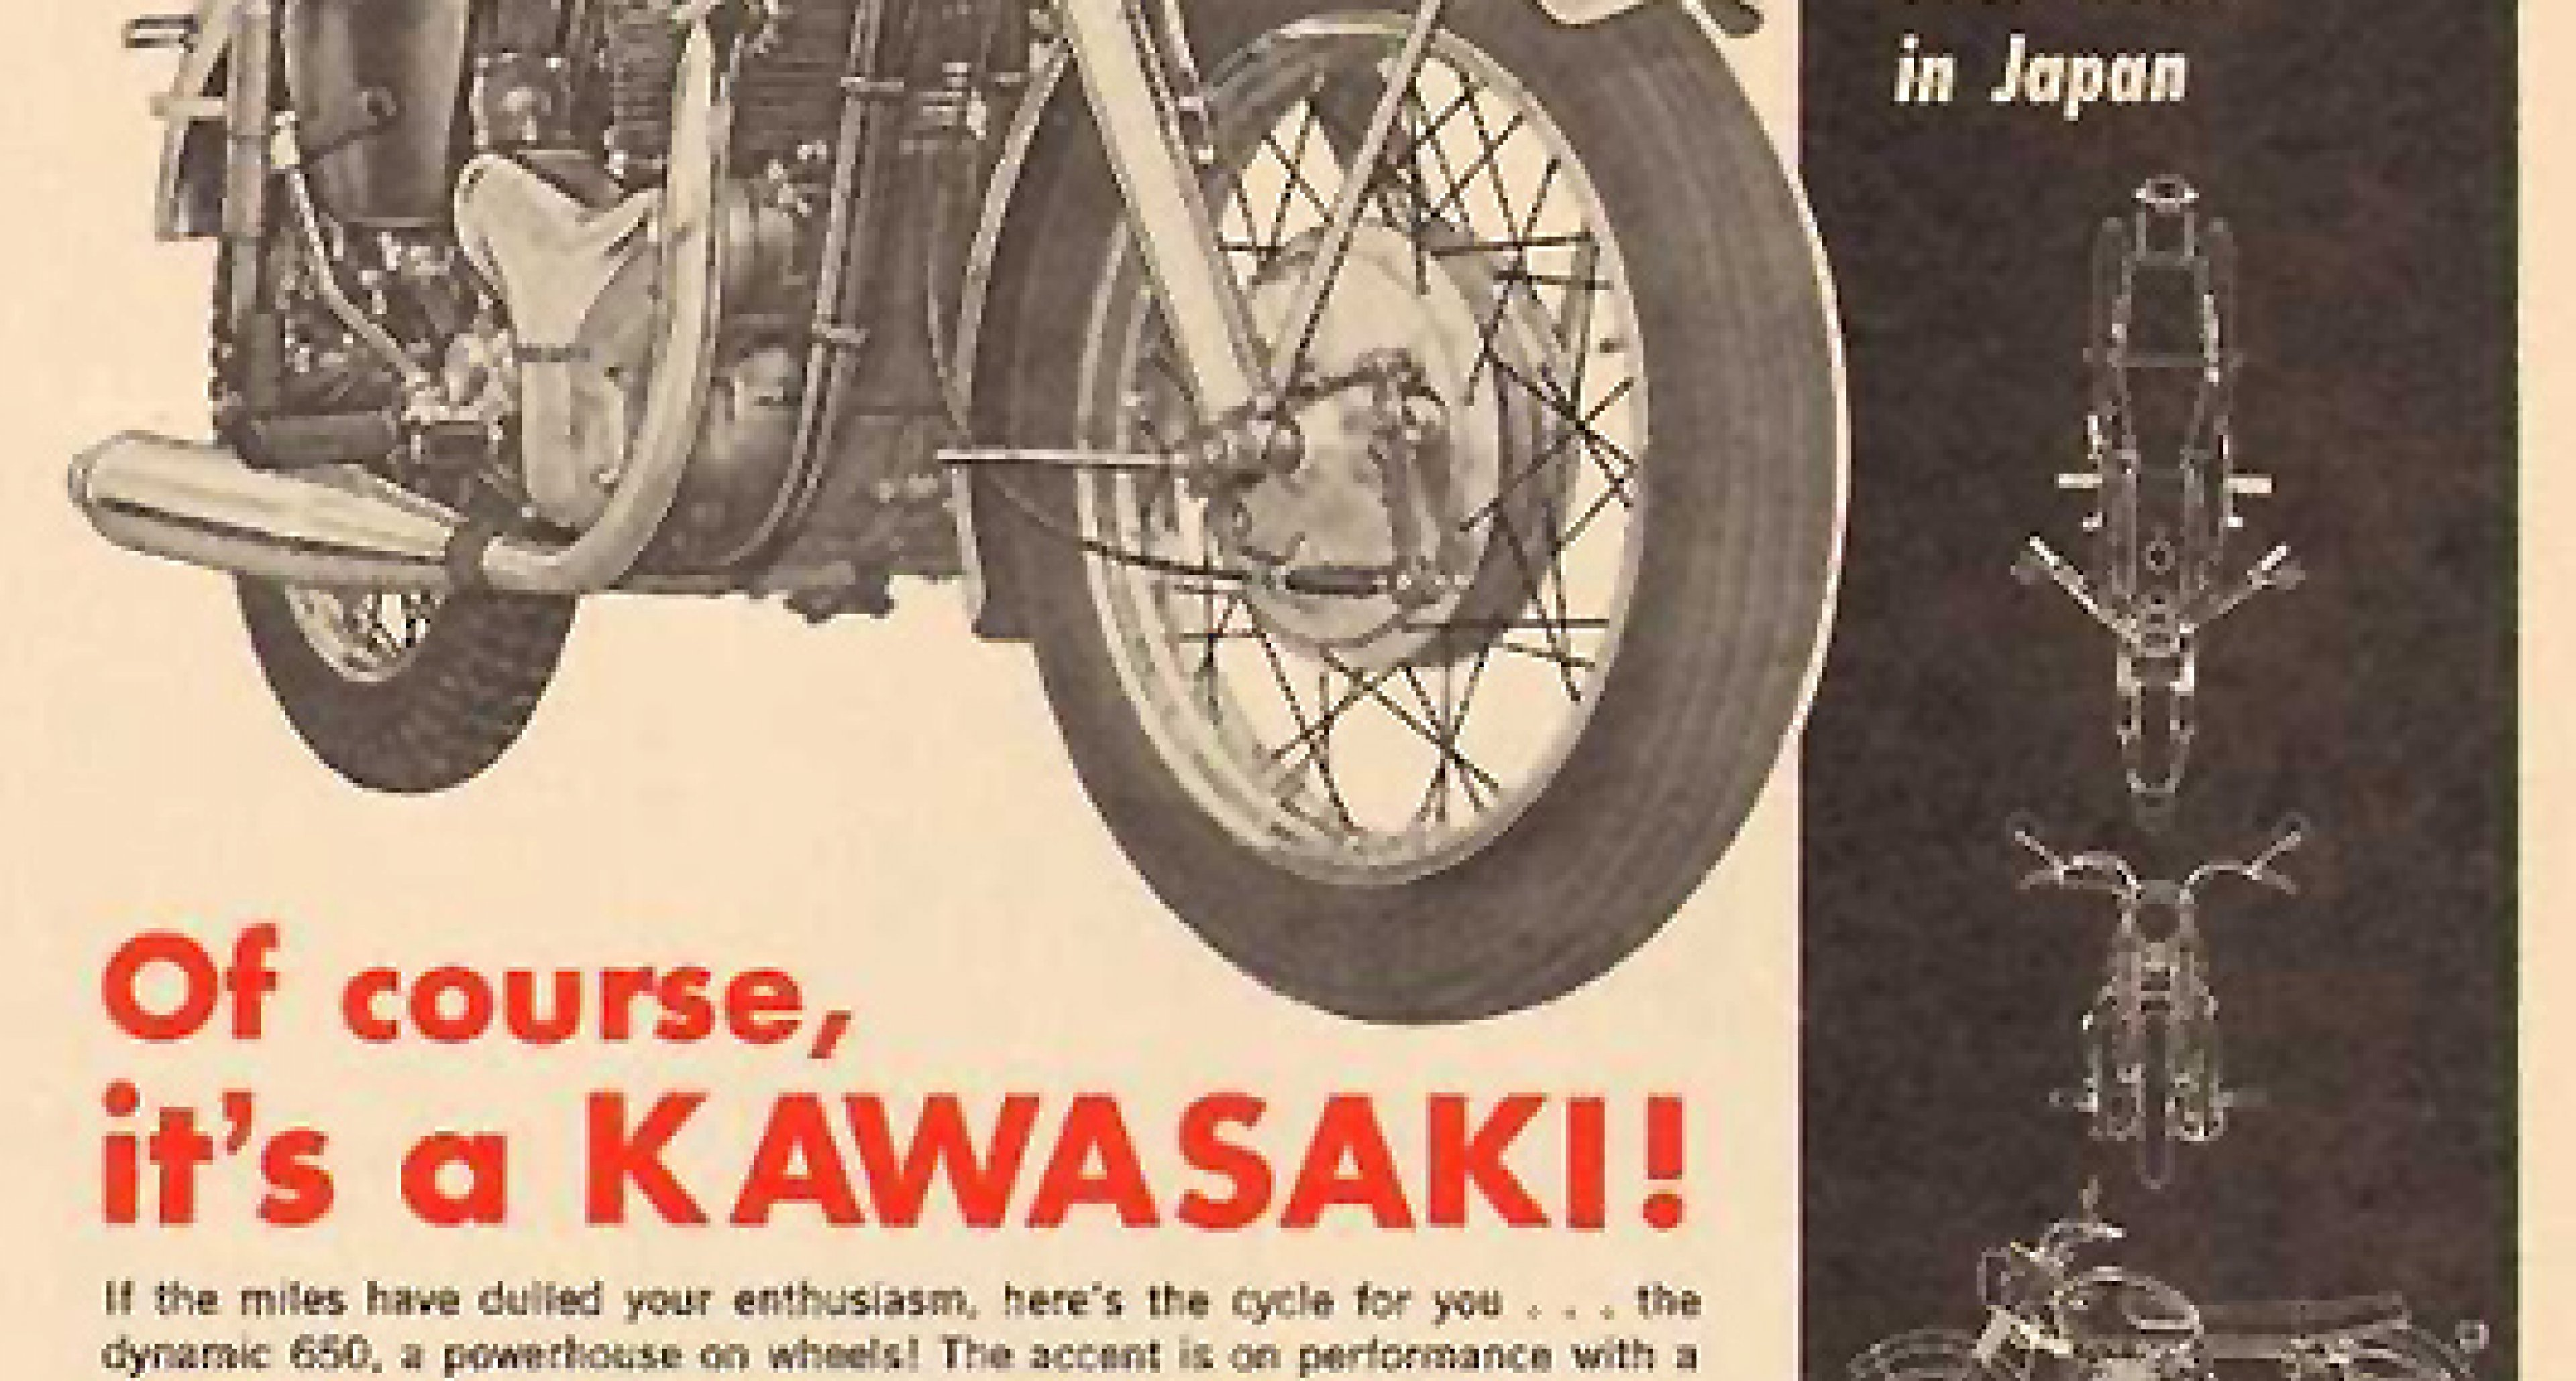 Ridden: Kawasaki W800